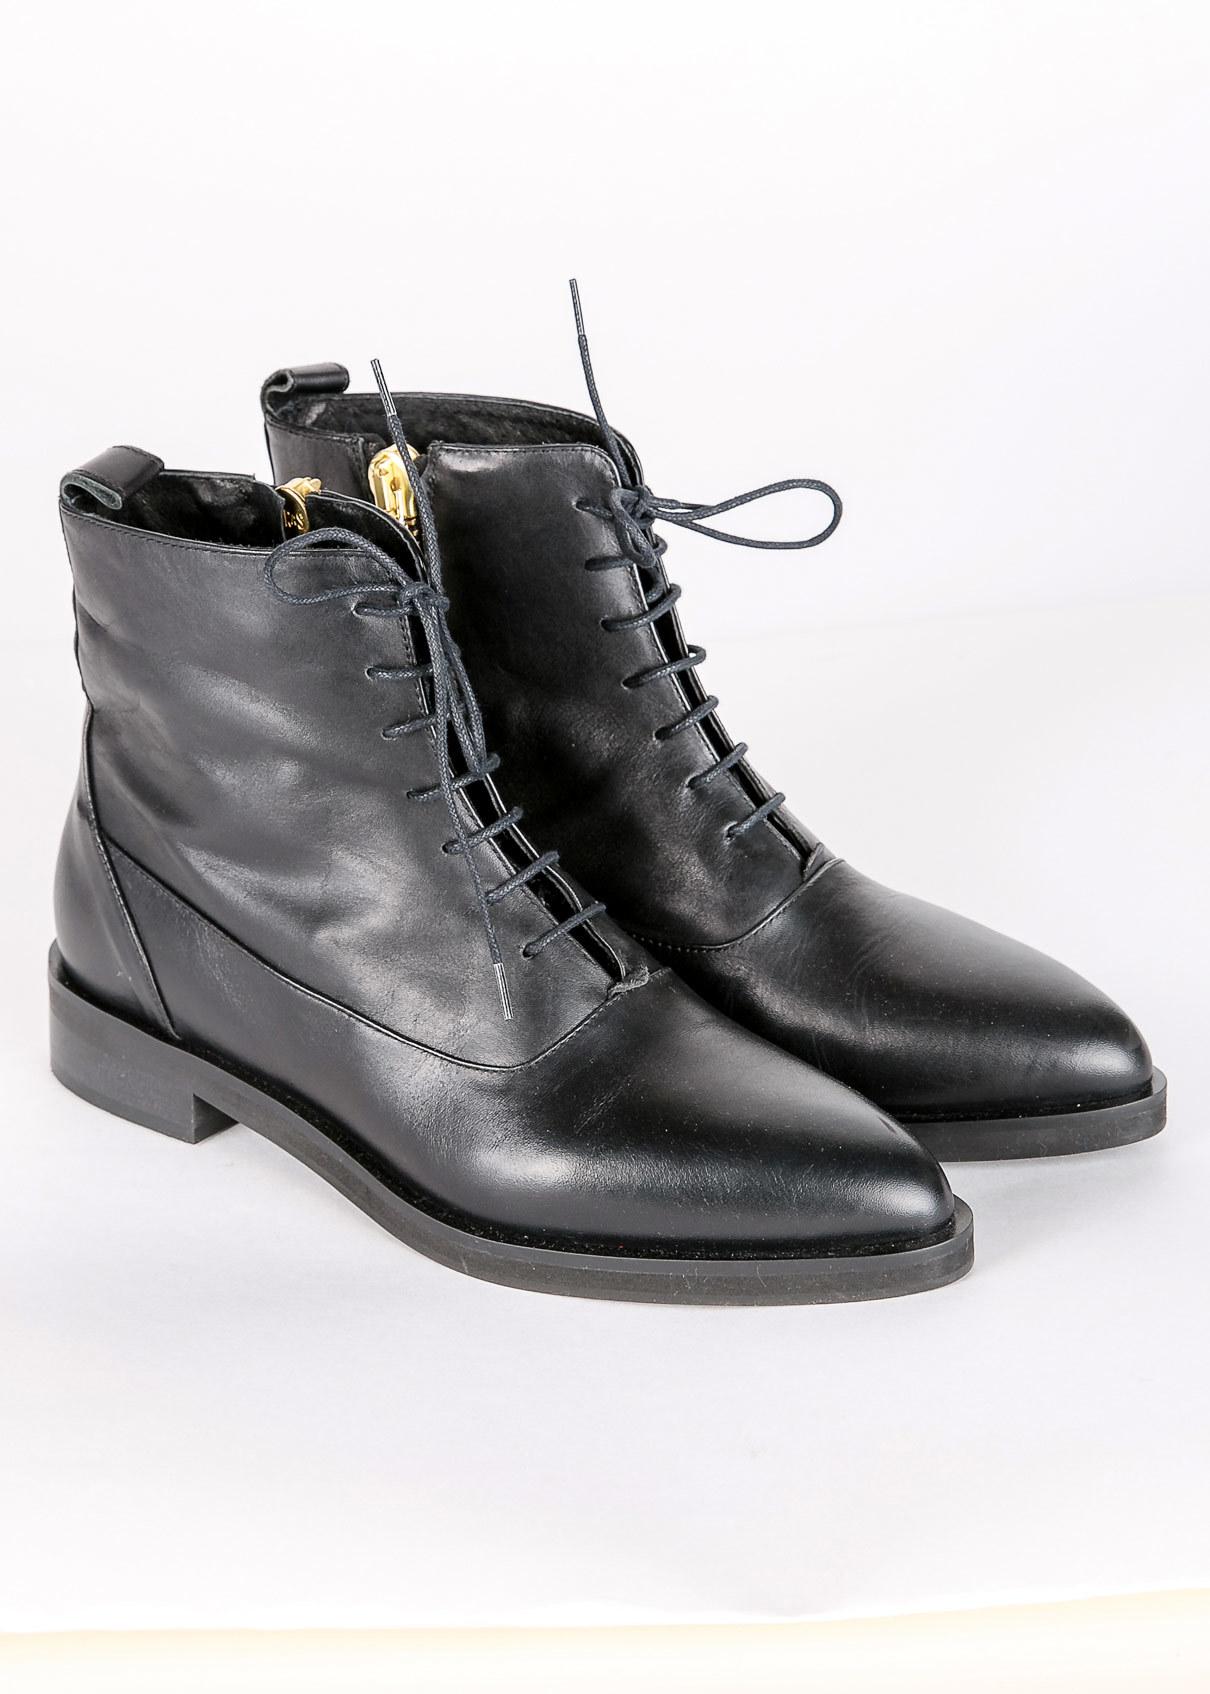 099721361e6c Ботинки MARELLA - купить официальный оригинал с доставкой в Москве и ...